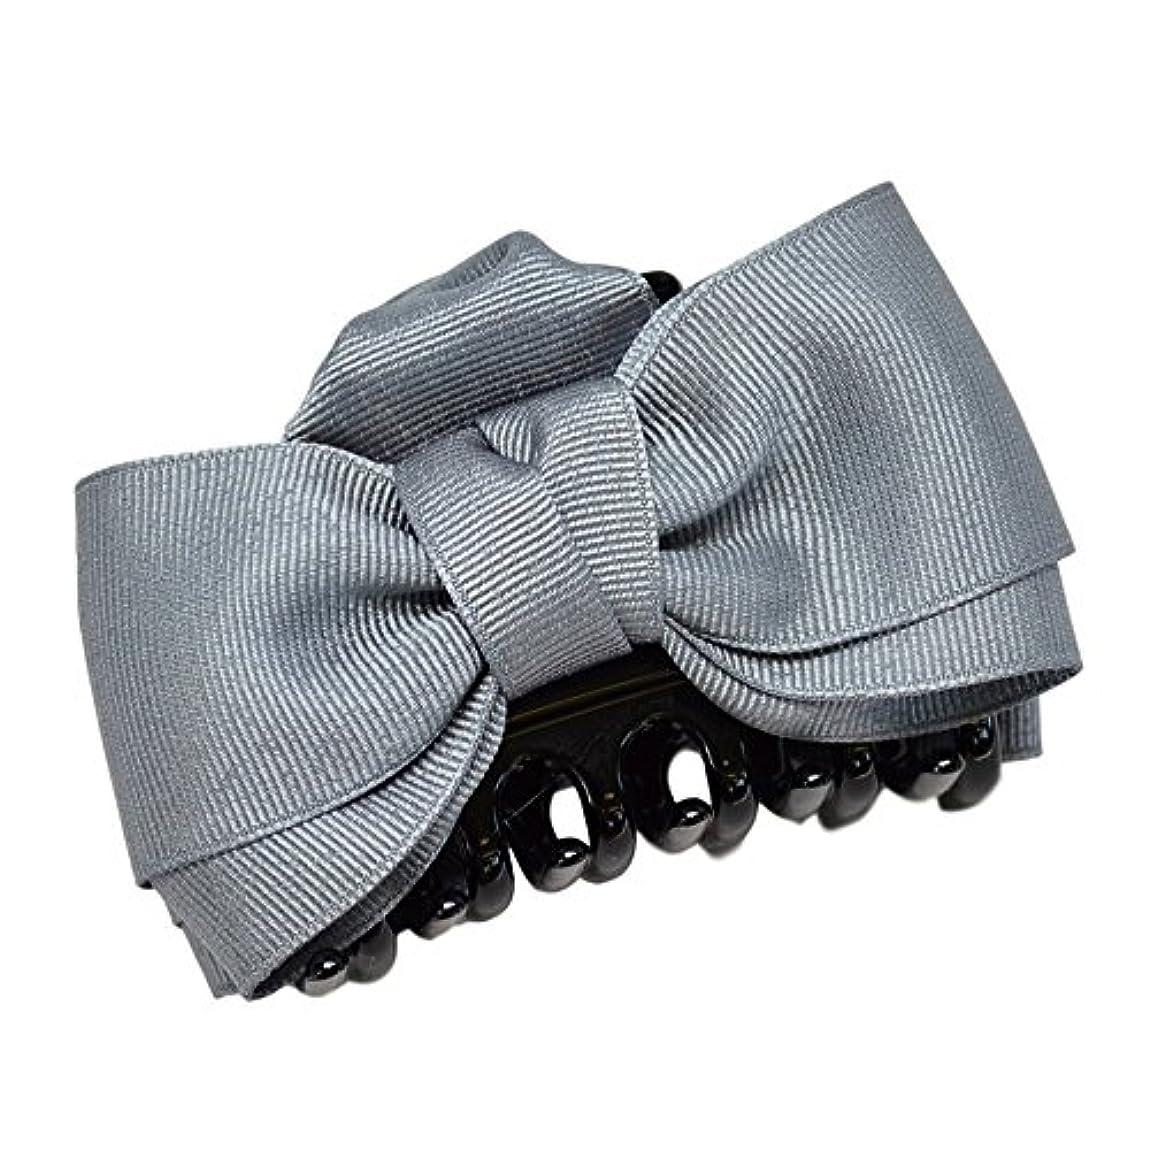 晩餐ギネス再生的(ヴィラジオ)Viragio ヘアクリップ リボン 大 大きめ バンスクリップ 黒 シンプル ヘアアクセサリー 髪留め 髪飾り ブランド vi-0258